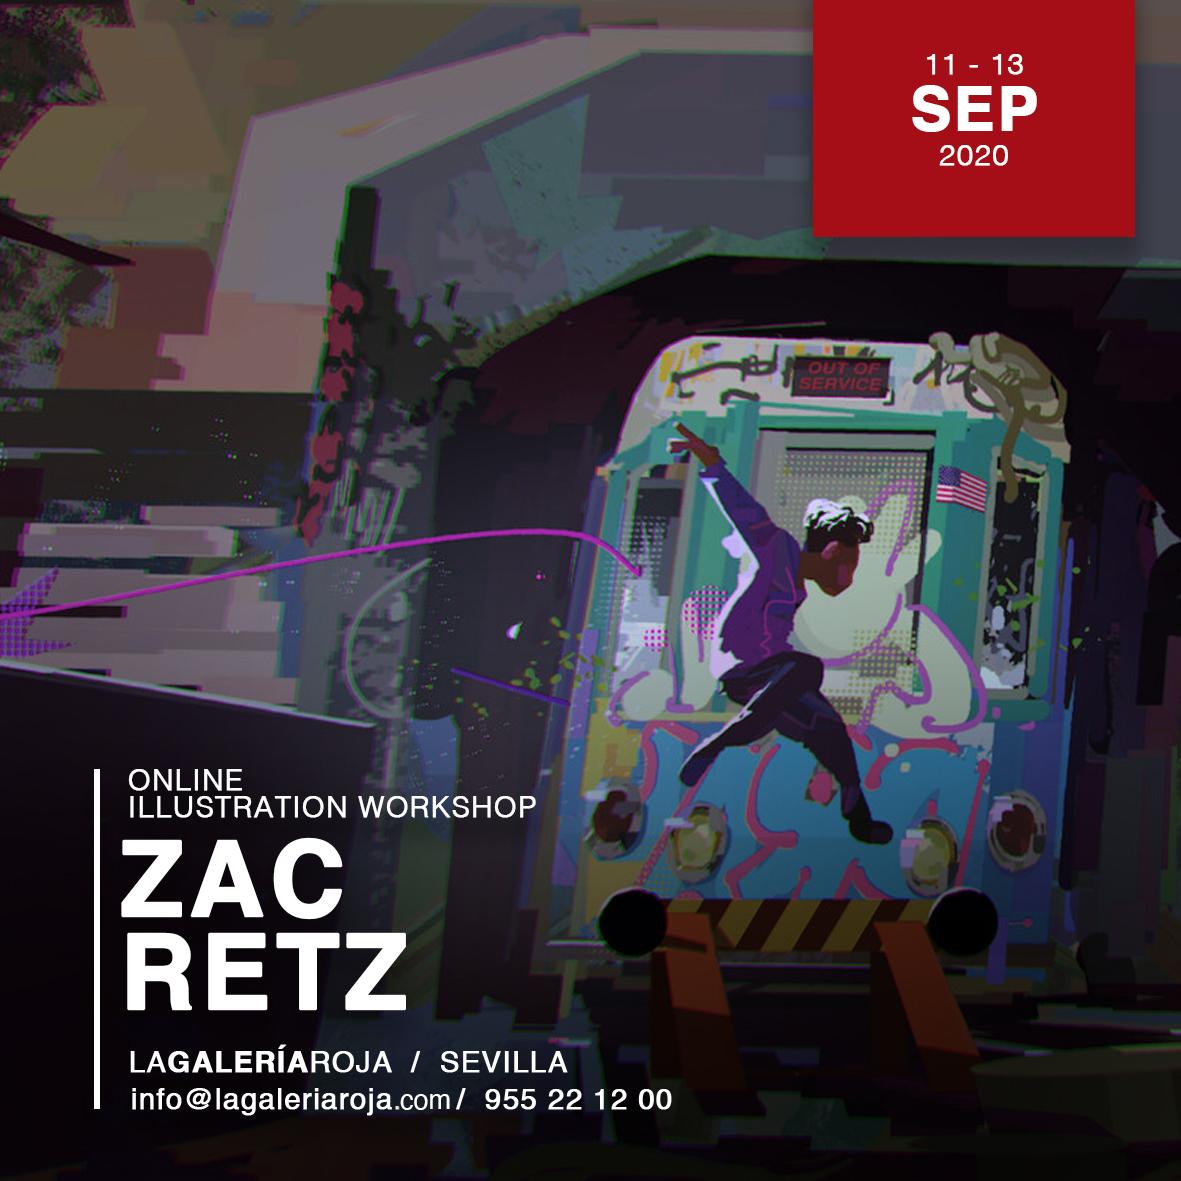 ZAC RETZ